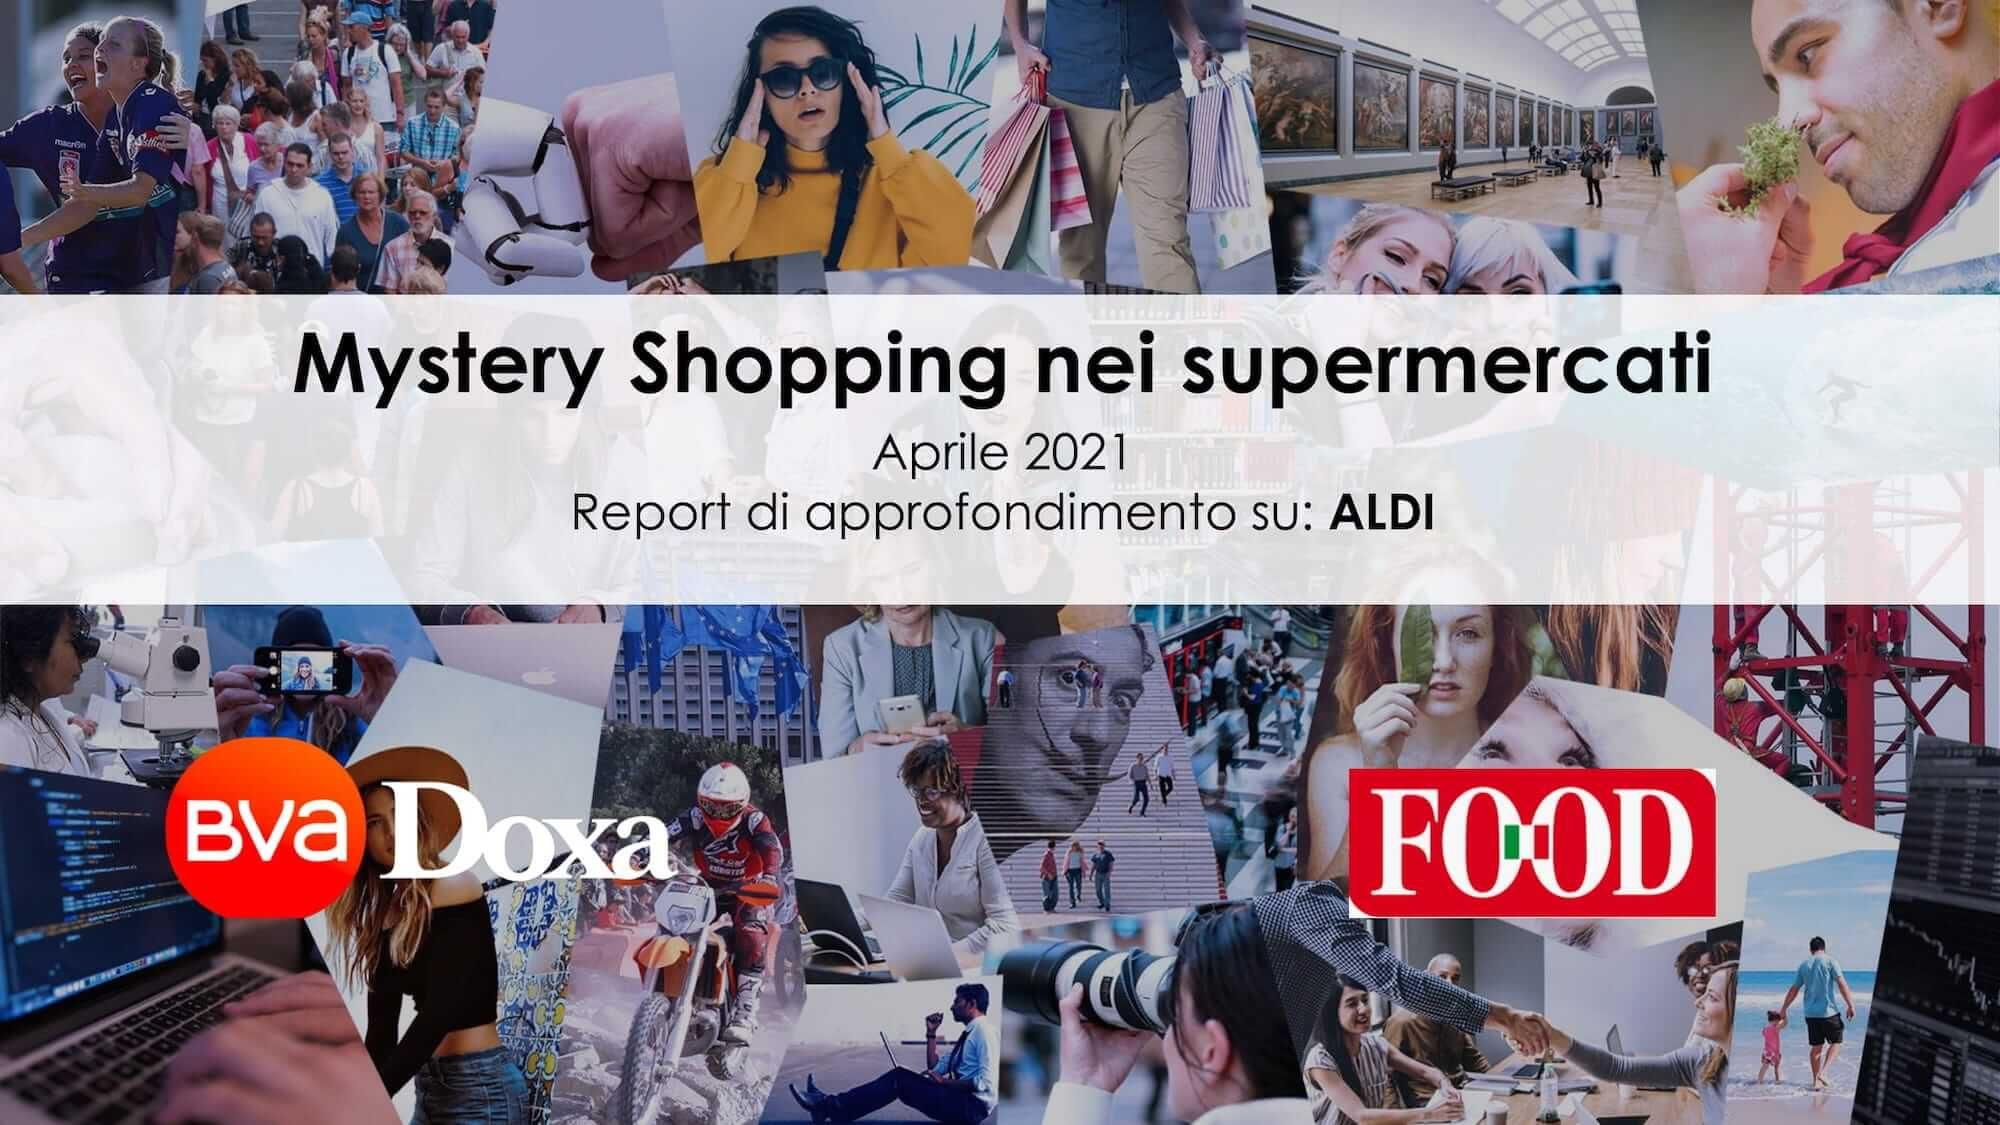 Bva Doxa Report Mystery Food Aldi 2021.04 01